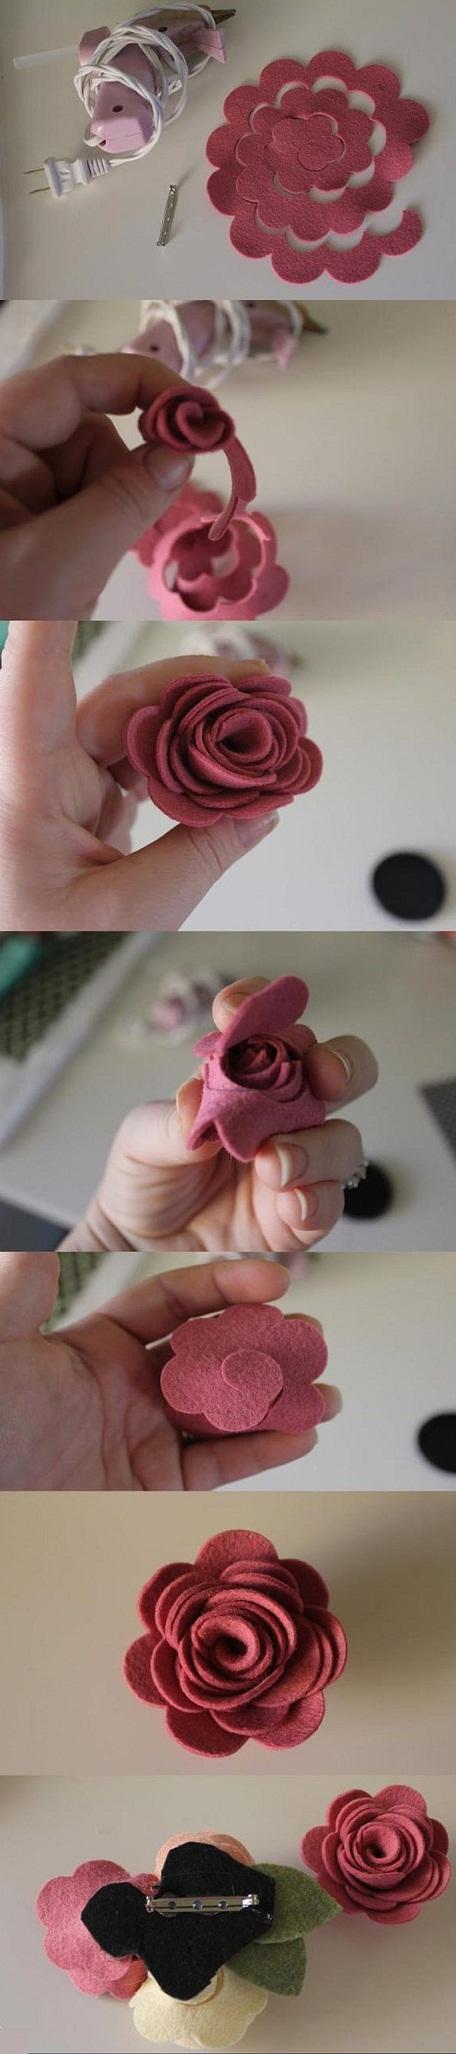 آموزش ساخت گل با فوتر ,ساخت گل های رز نمدی,تزیین گل سر, آموزش درست کردن گل رز نمدی, گلسازی,کاردستی